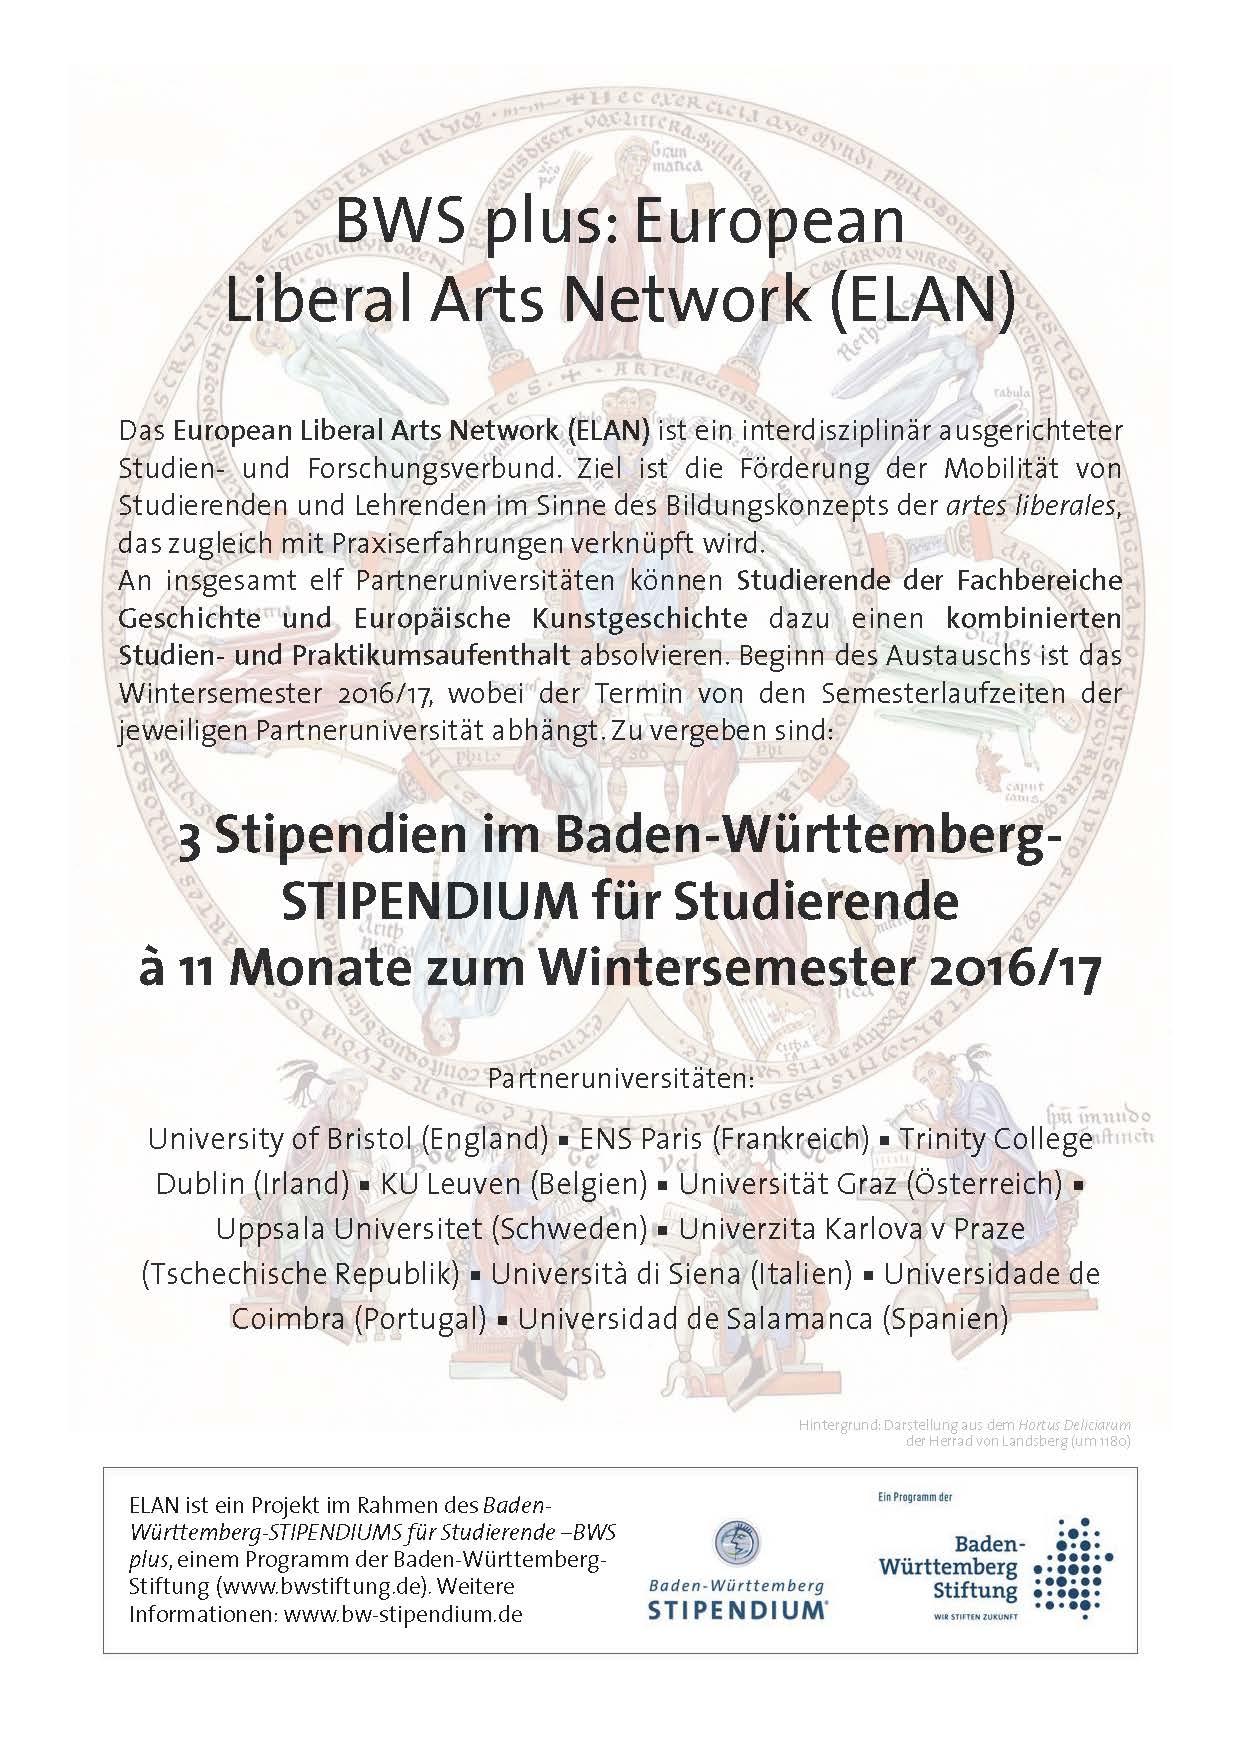 Schön Stipendium Lebenslauf Beispiel Ziel Zeitgenössisch - Entry ...